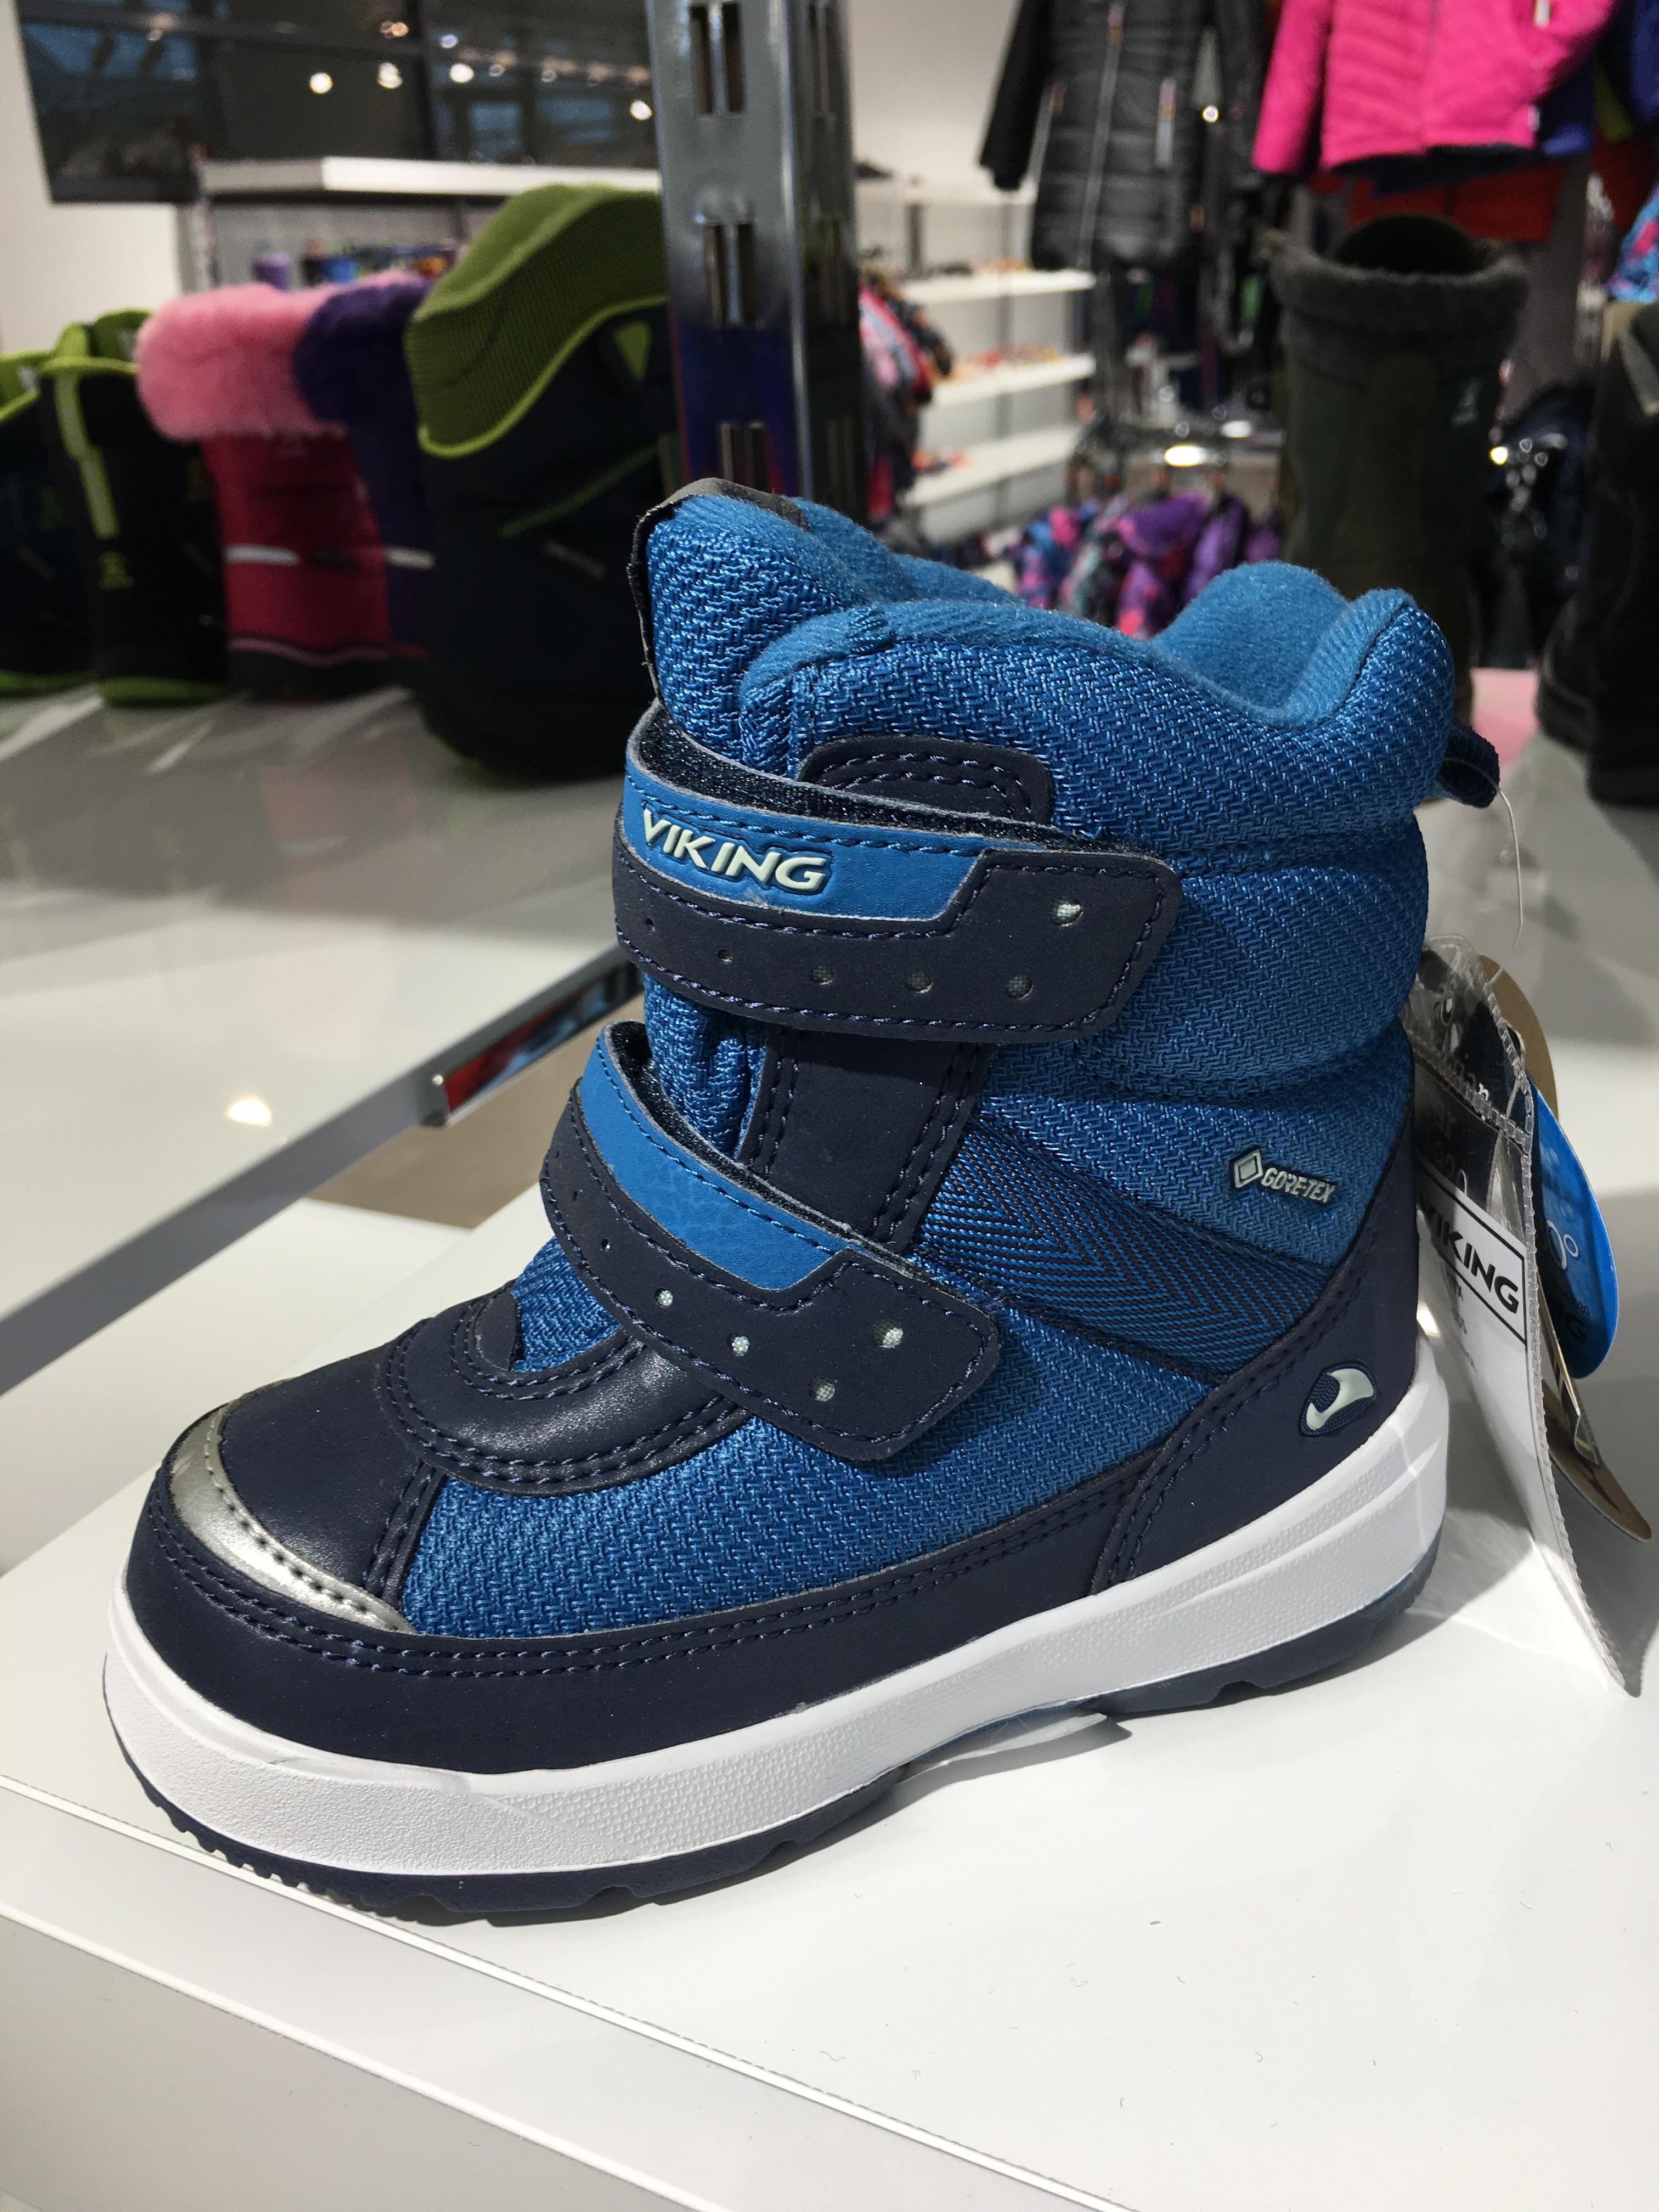 детская обувь Викинг со скидкой, купить в Москве зимние ботинки Viking распродажа